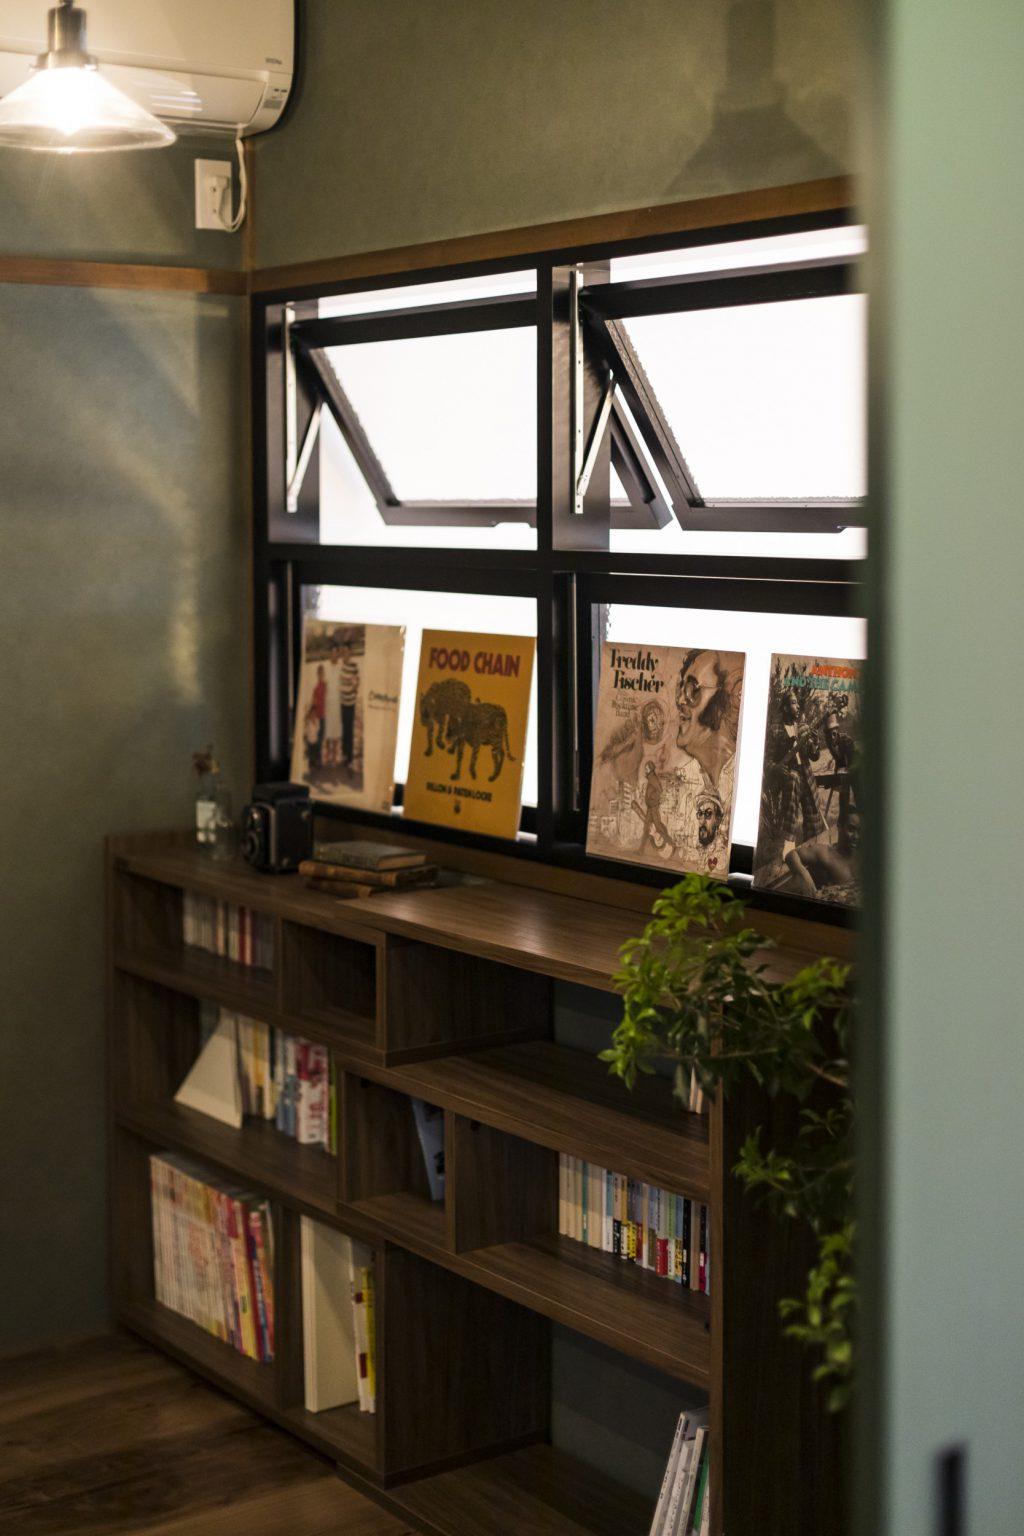 岐阜市H様邸のリノベーション事例の室内窓